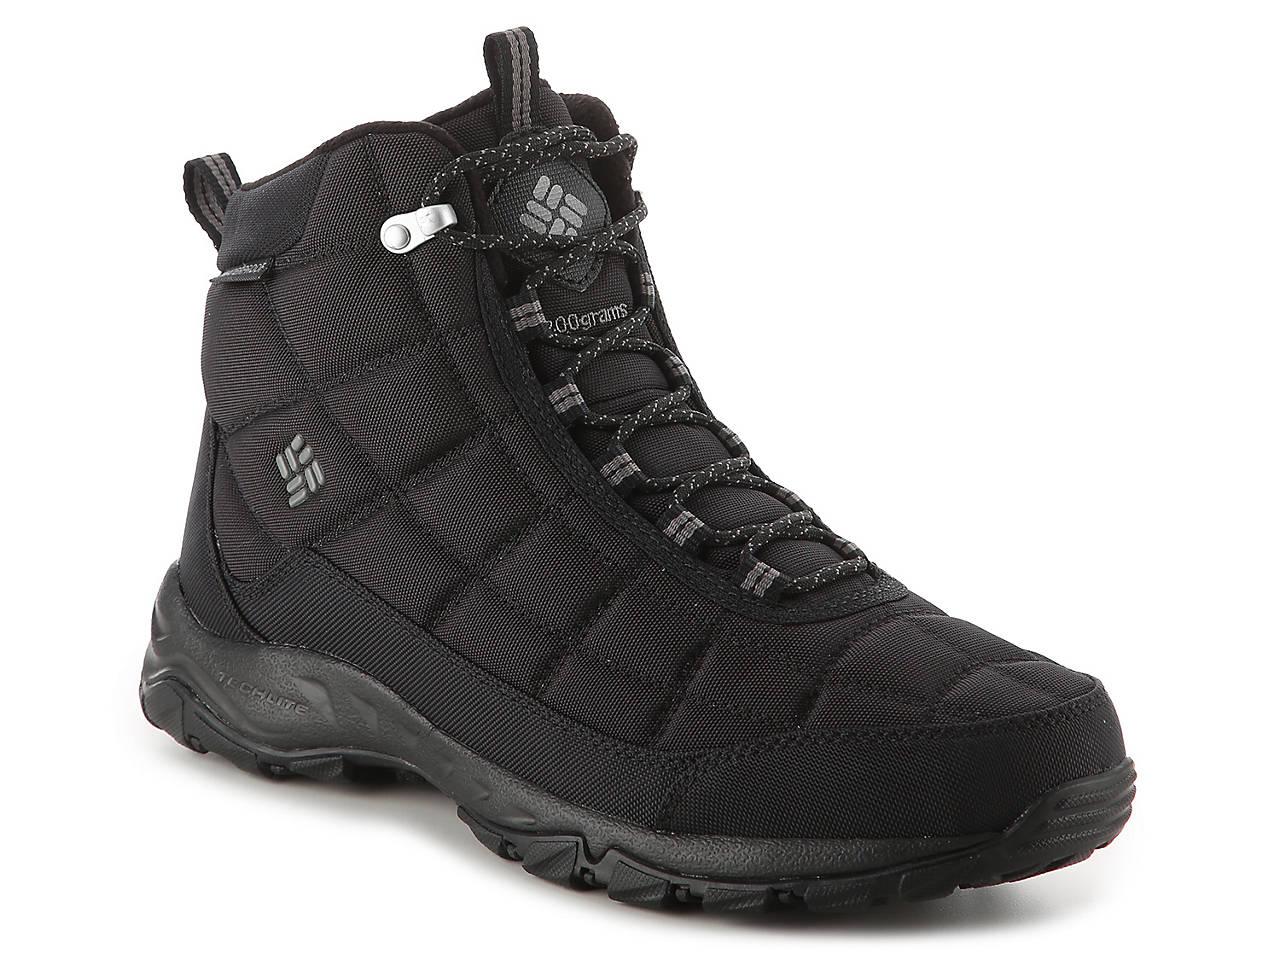 285d641a9fb Firecamp Snow Boot